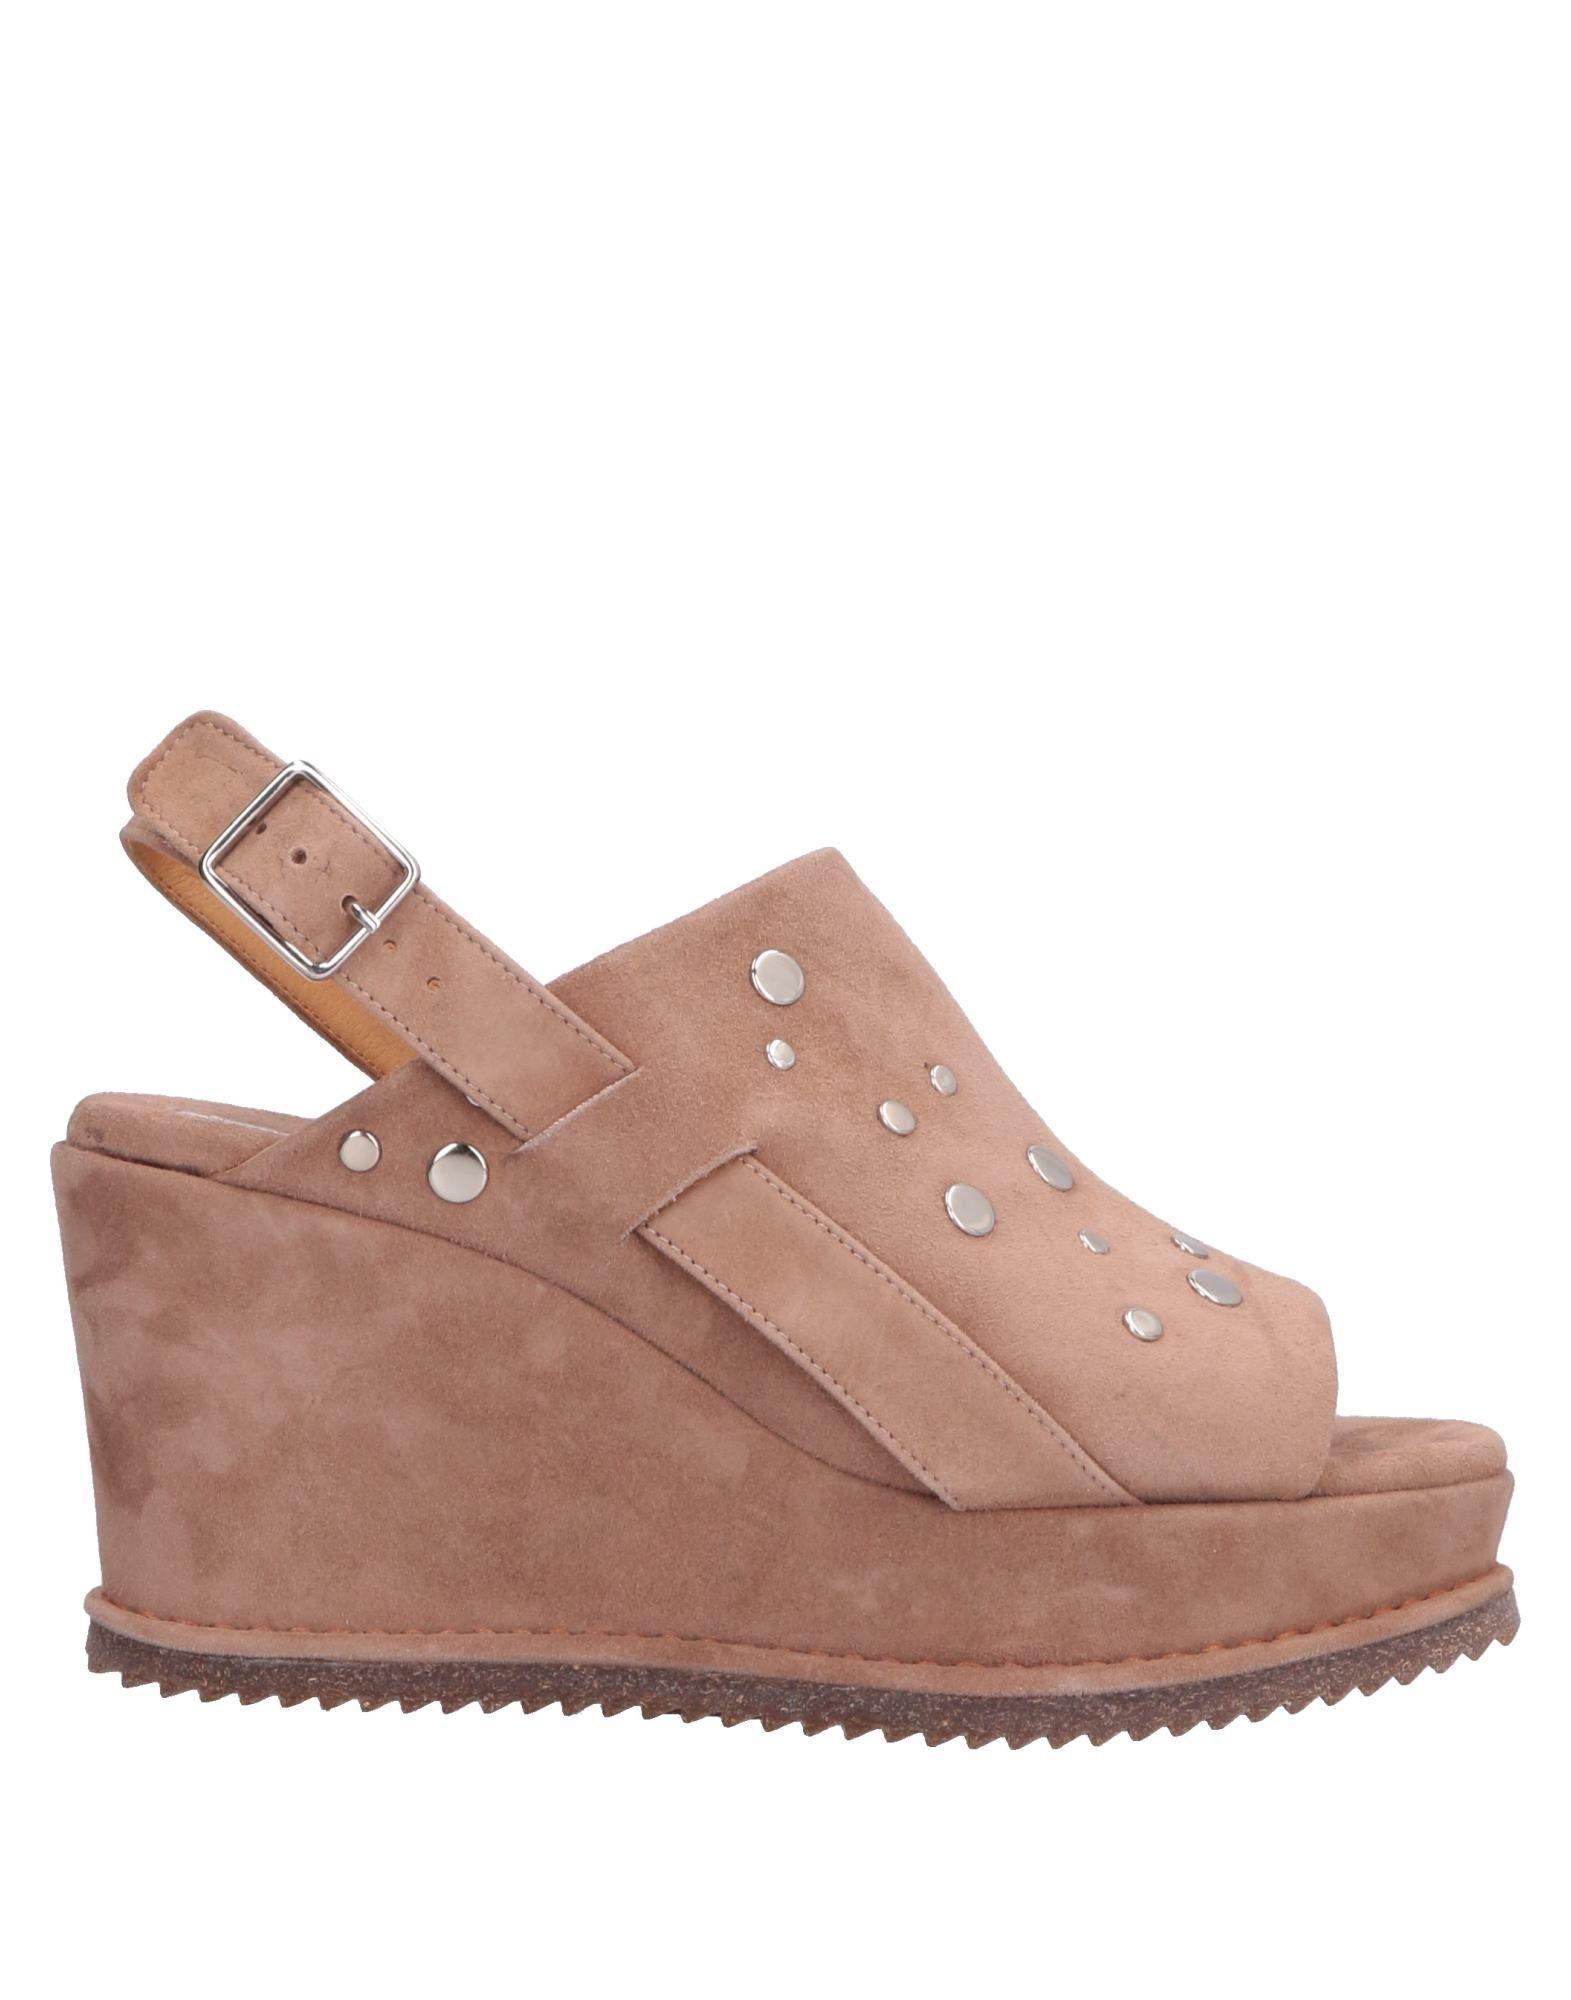 Alberto Fermani Sandals - Women Alberto Fermani Sandals Kingdom online on  United Kingdom Sandals - 11563035HN 0e9a1b